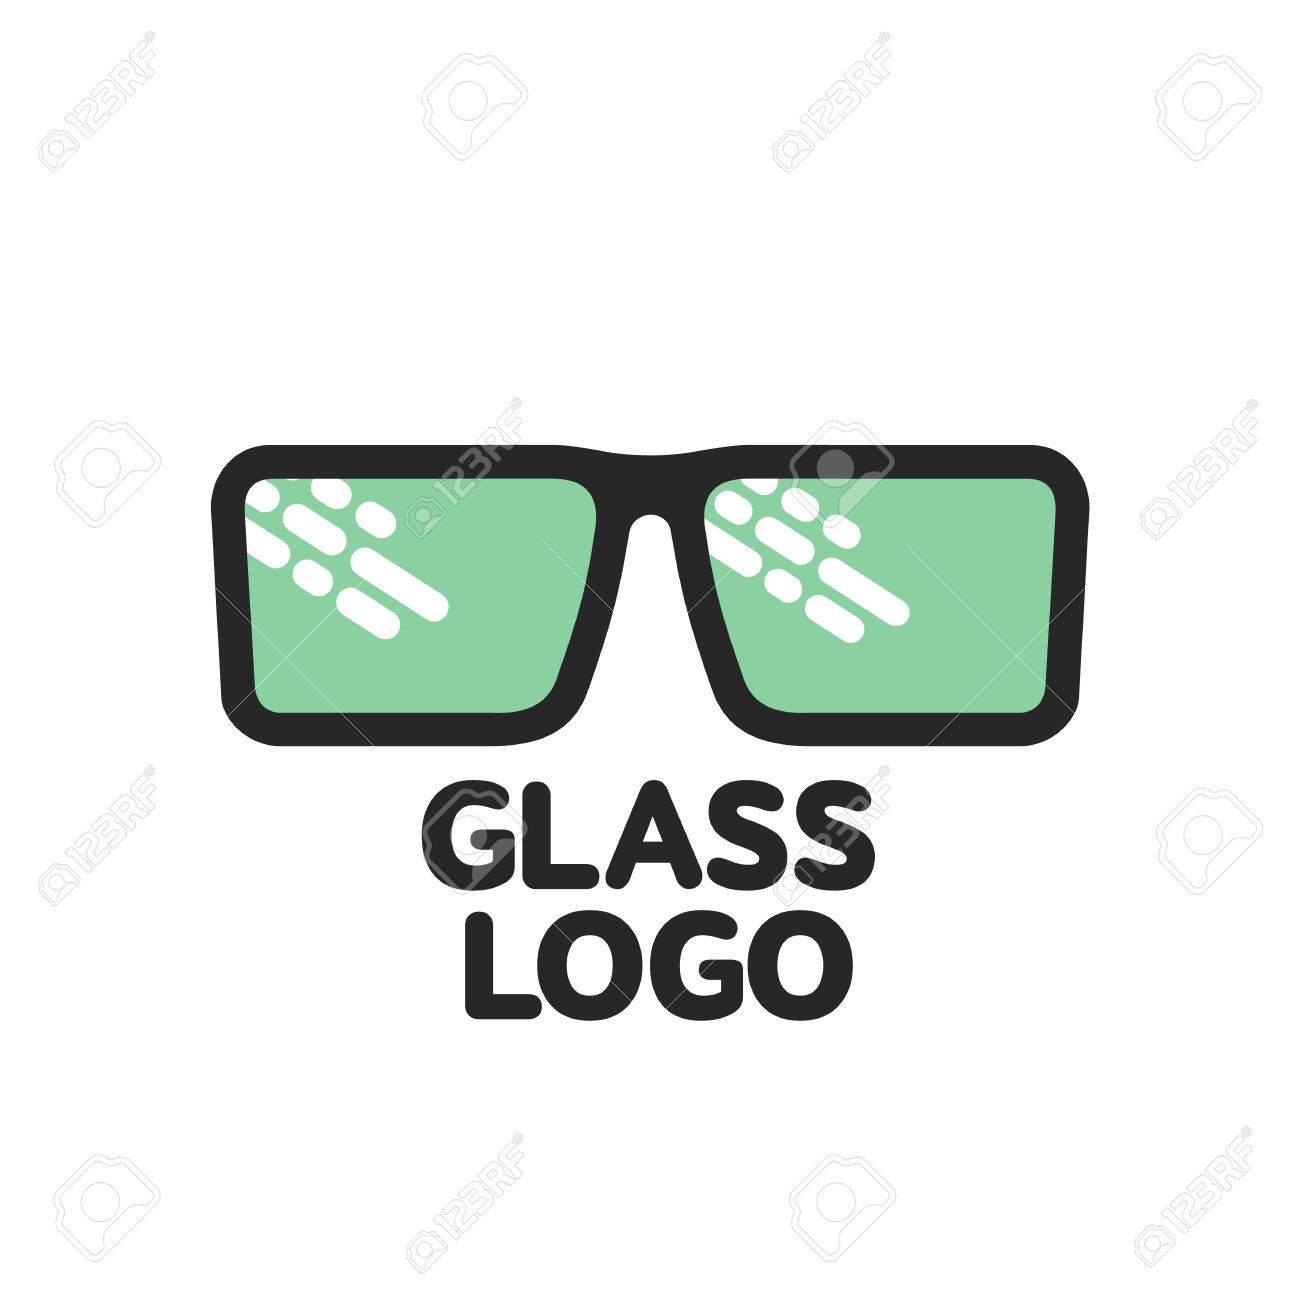 3f076b7c5e4 Glasses